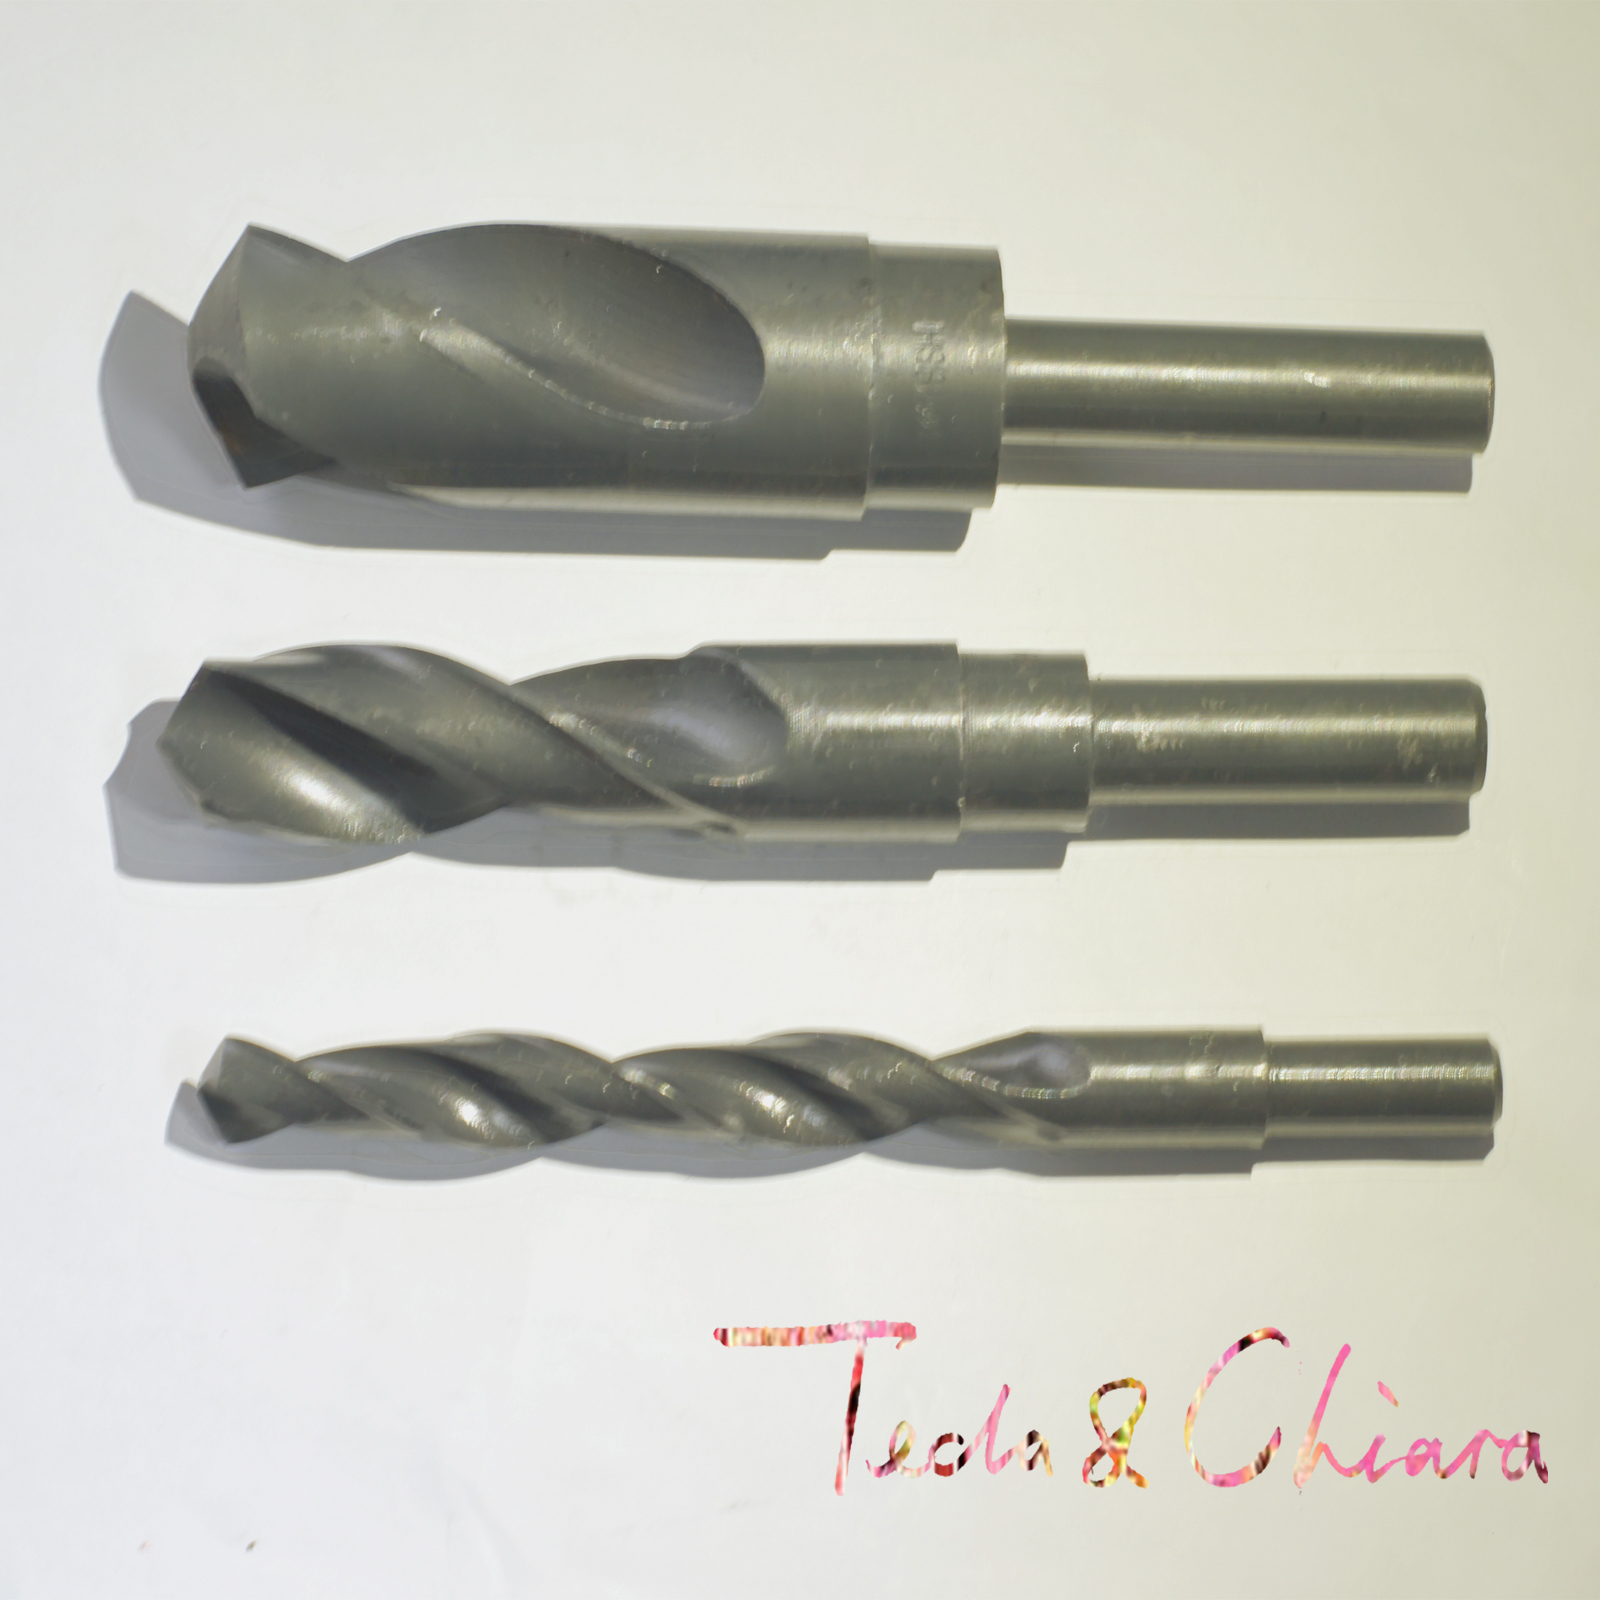 33.5mm 34mm 34.5mm 35mm HSS Reduced Straight Crank Twist Drill Bit Shank Dia 12.7mm 1/2 inch 33.5 34 34.5 35 2pcs 1 16 6 16 6mm 16 6 hss reduced shank twist drill bit shank diameter 1 2 inch